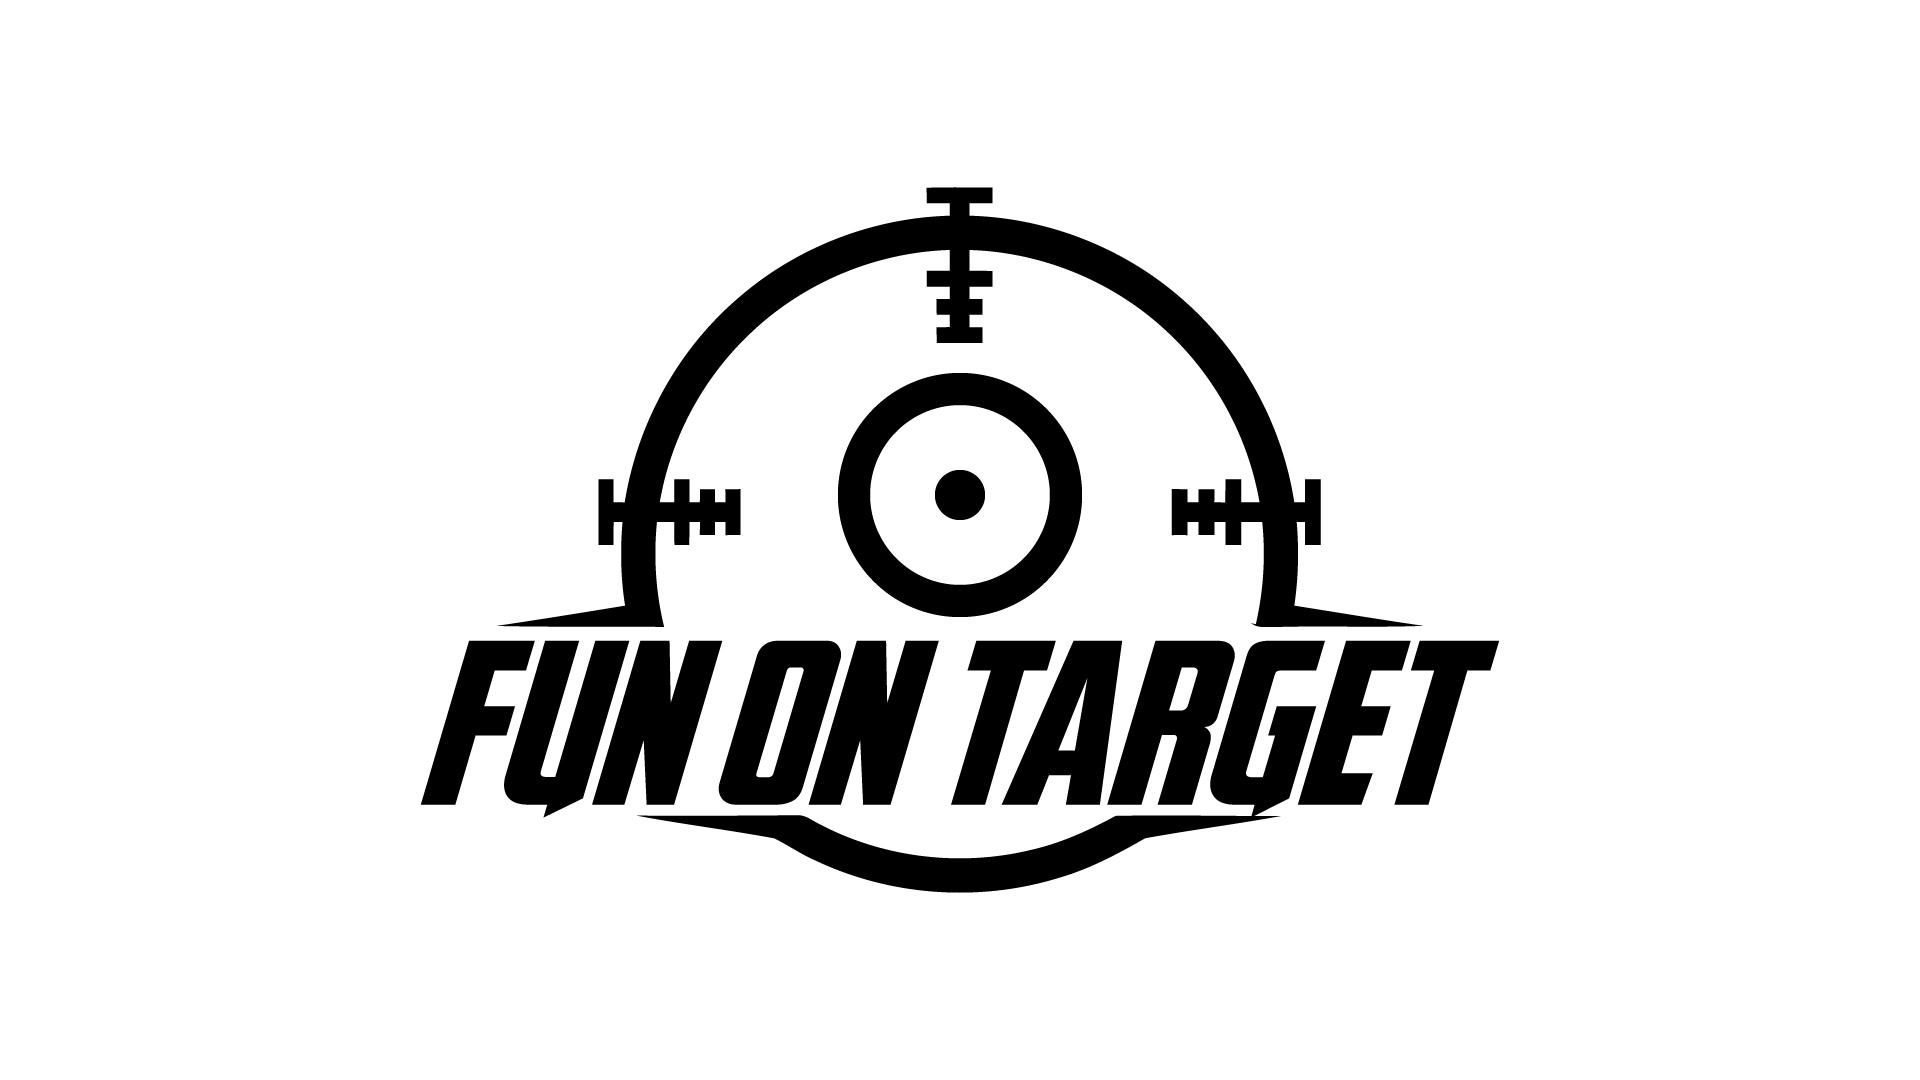 Fun On Target from Fun On Target